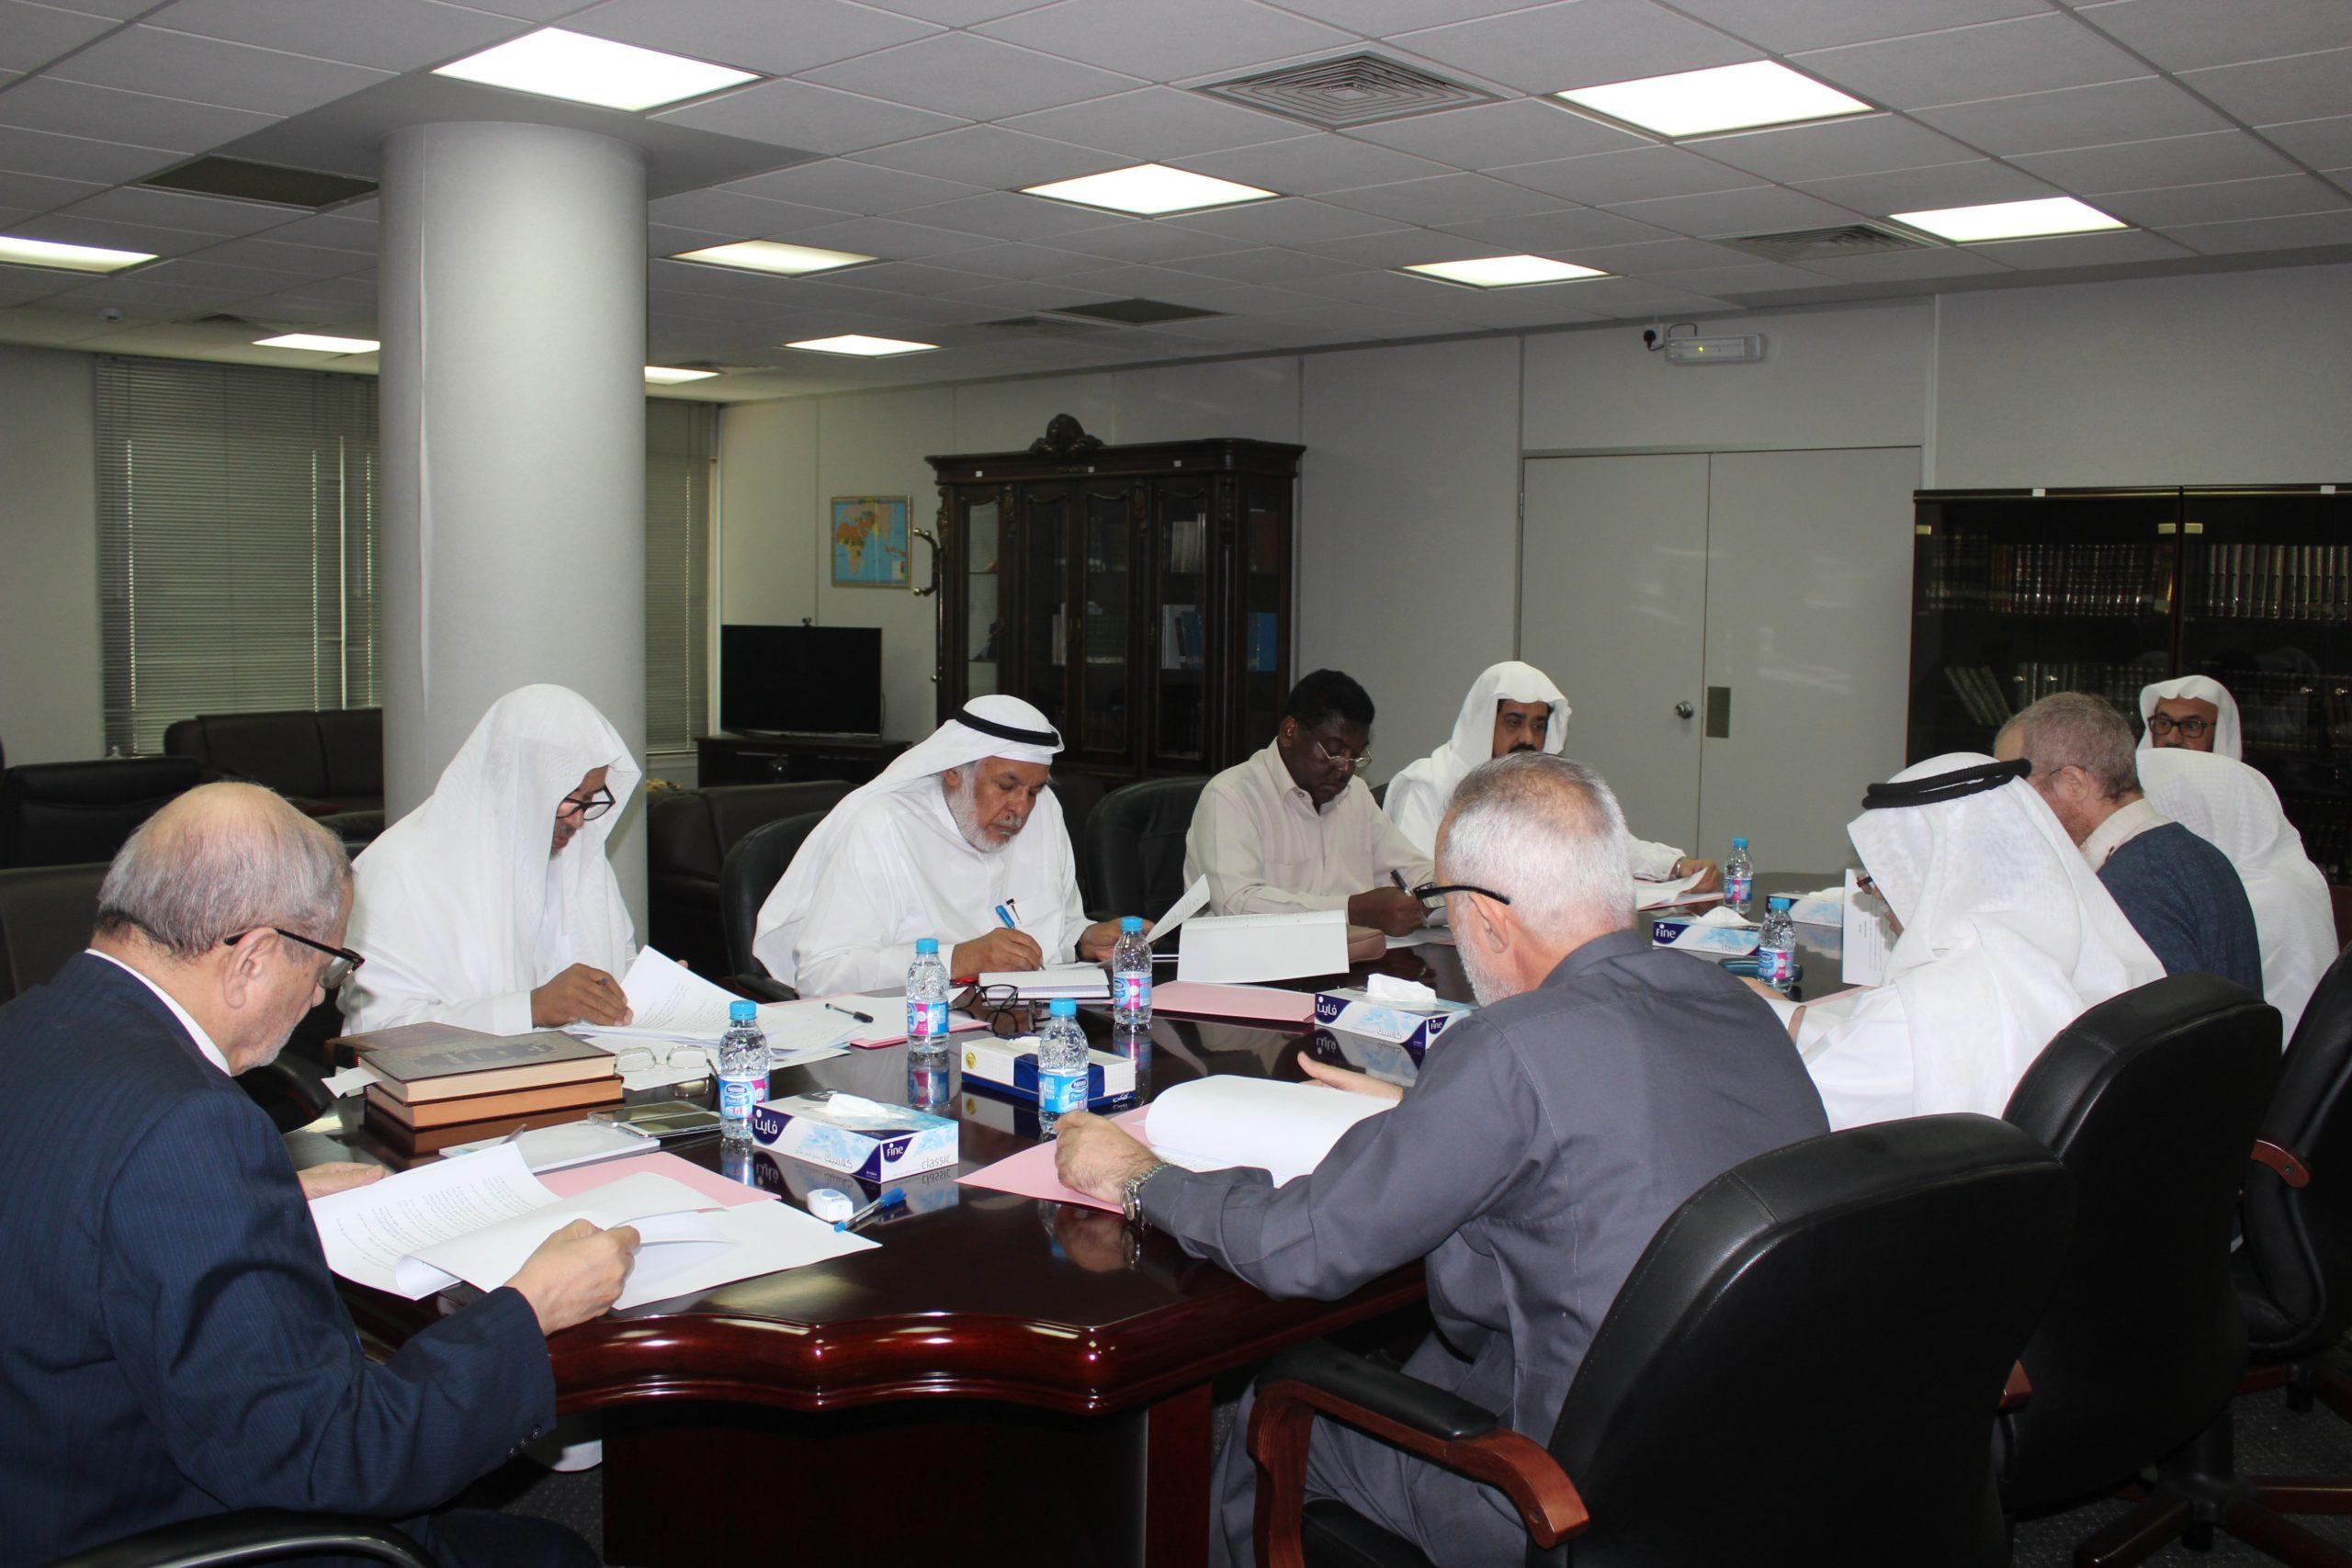 اللجنة العلمية تعقد اجتماعها برئاسة أمين المجمع